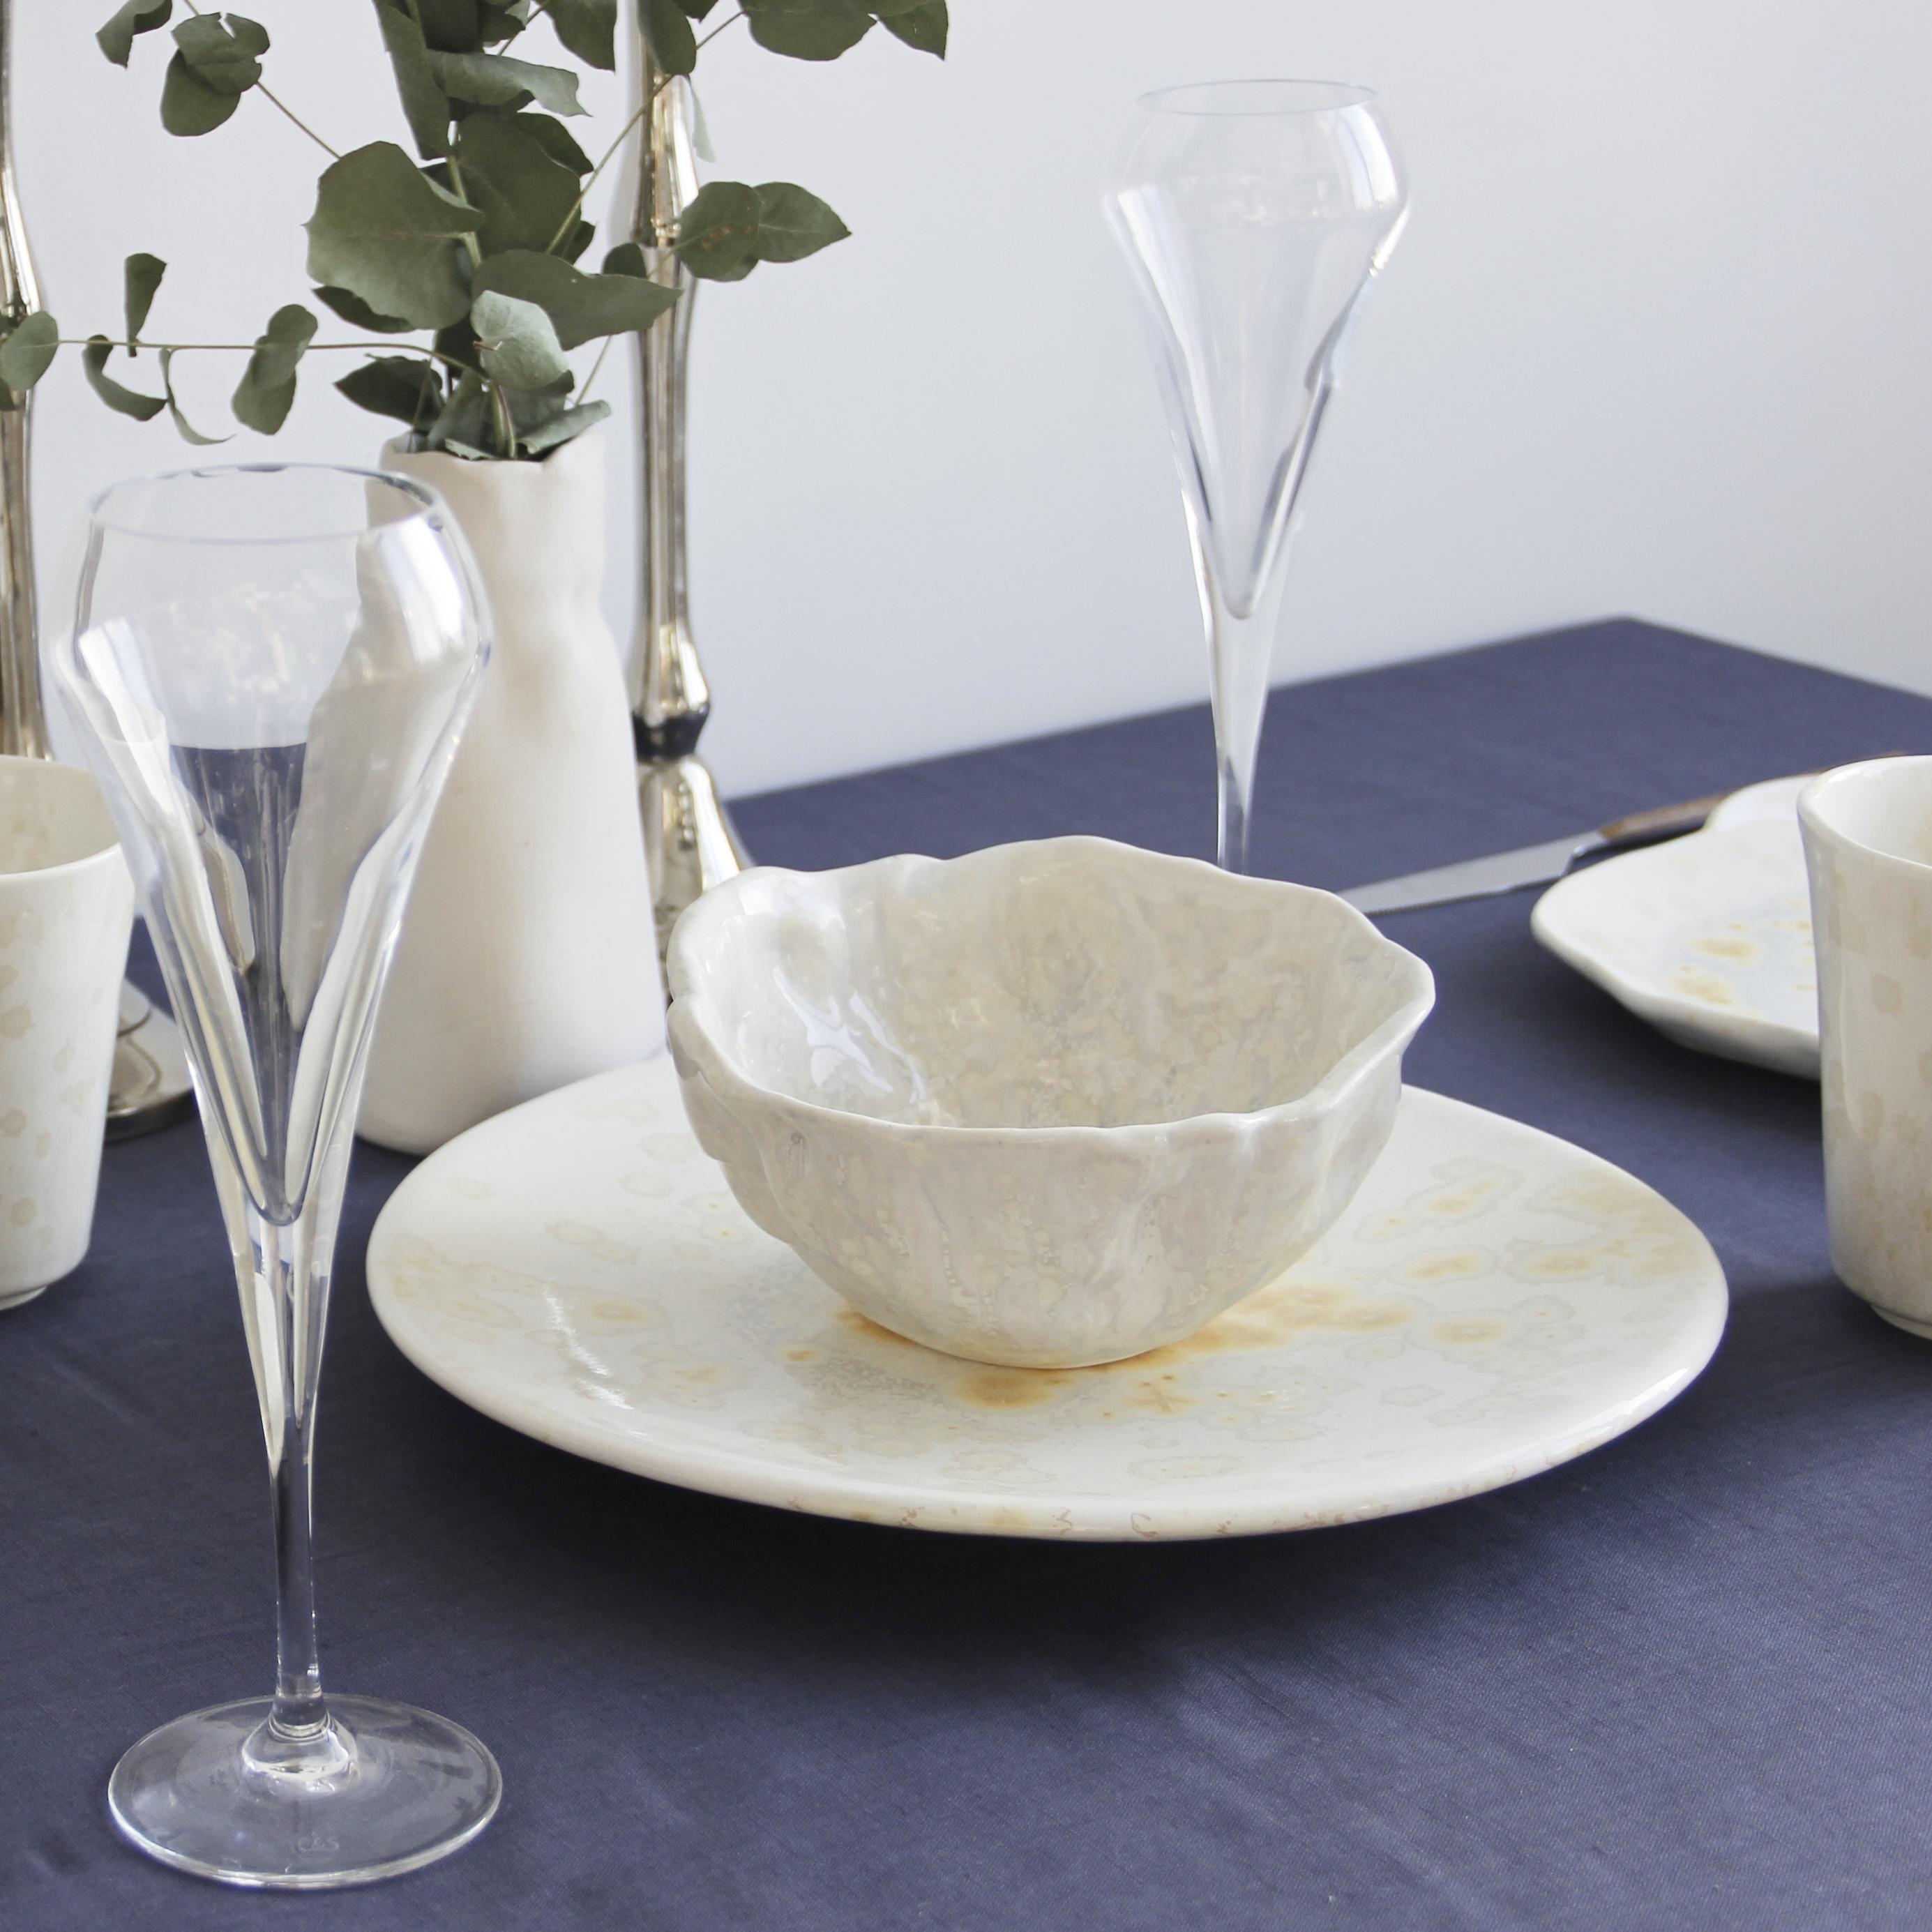 Фарфоровая посуда ручной работы OMA Ceramica